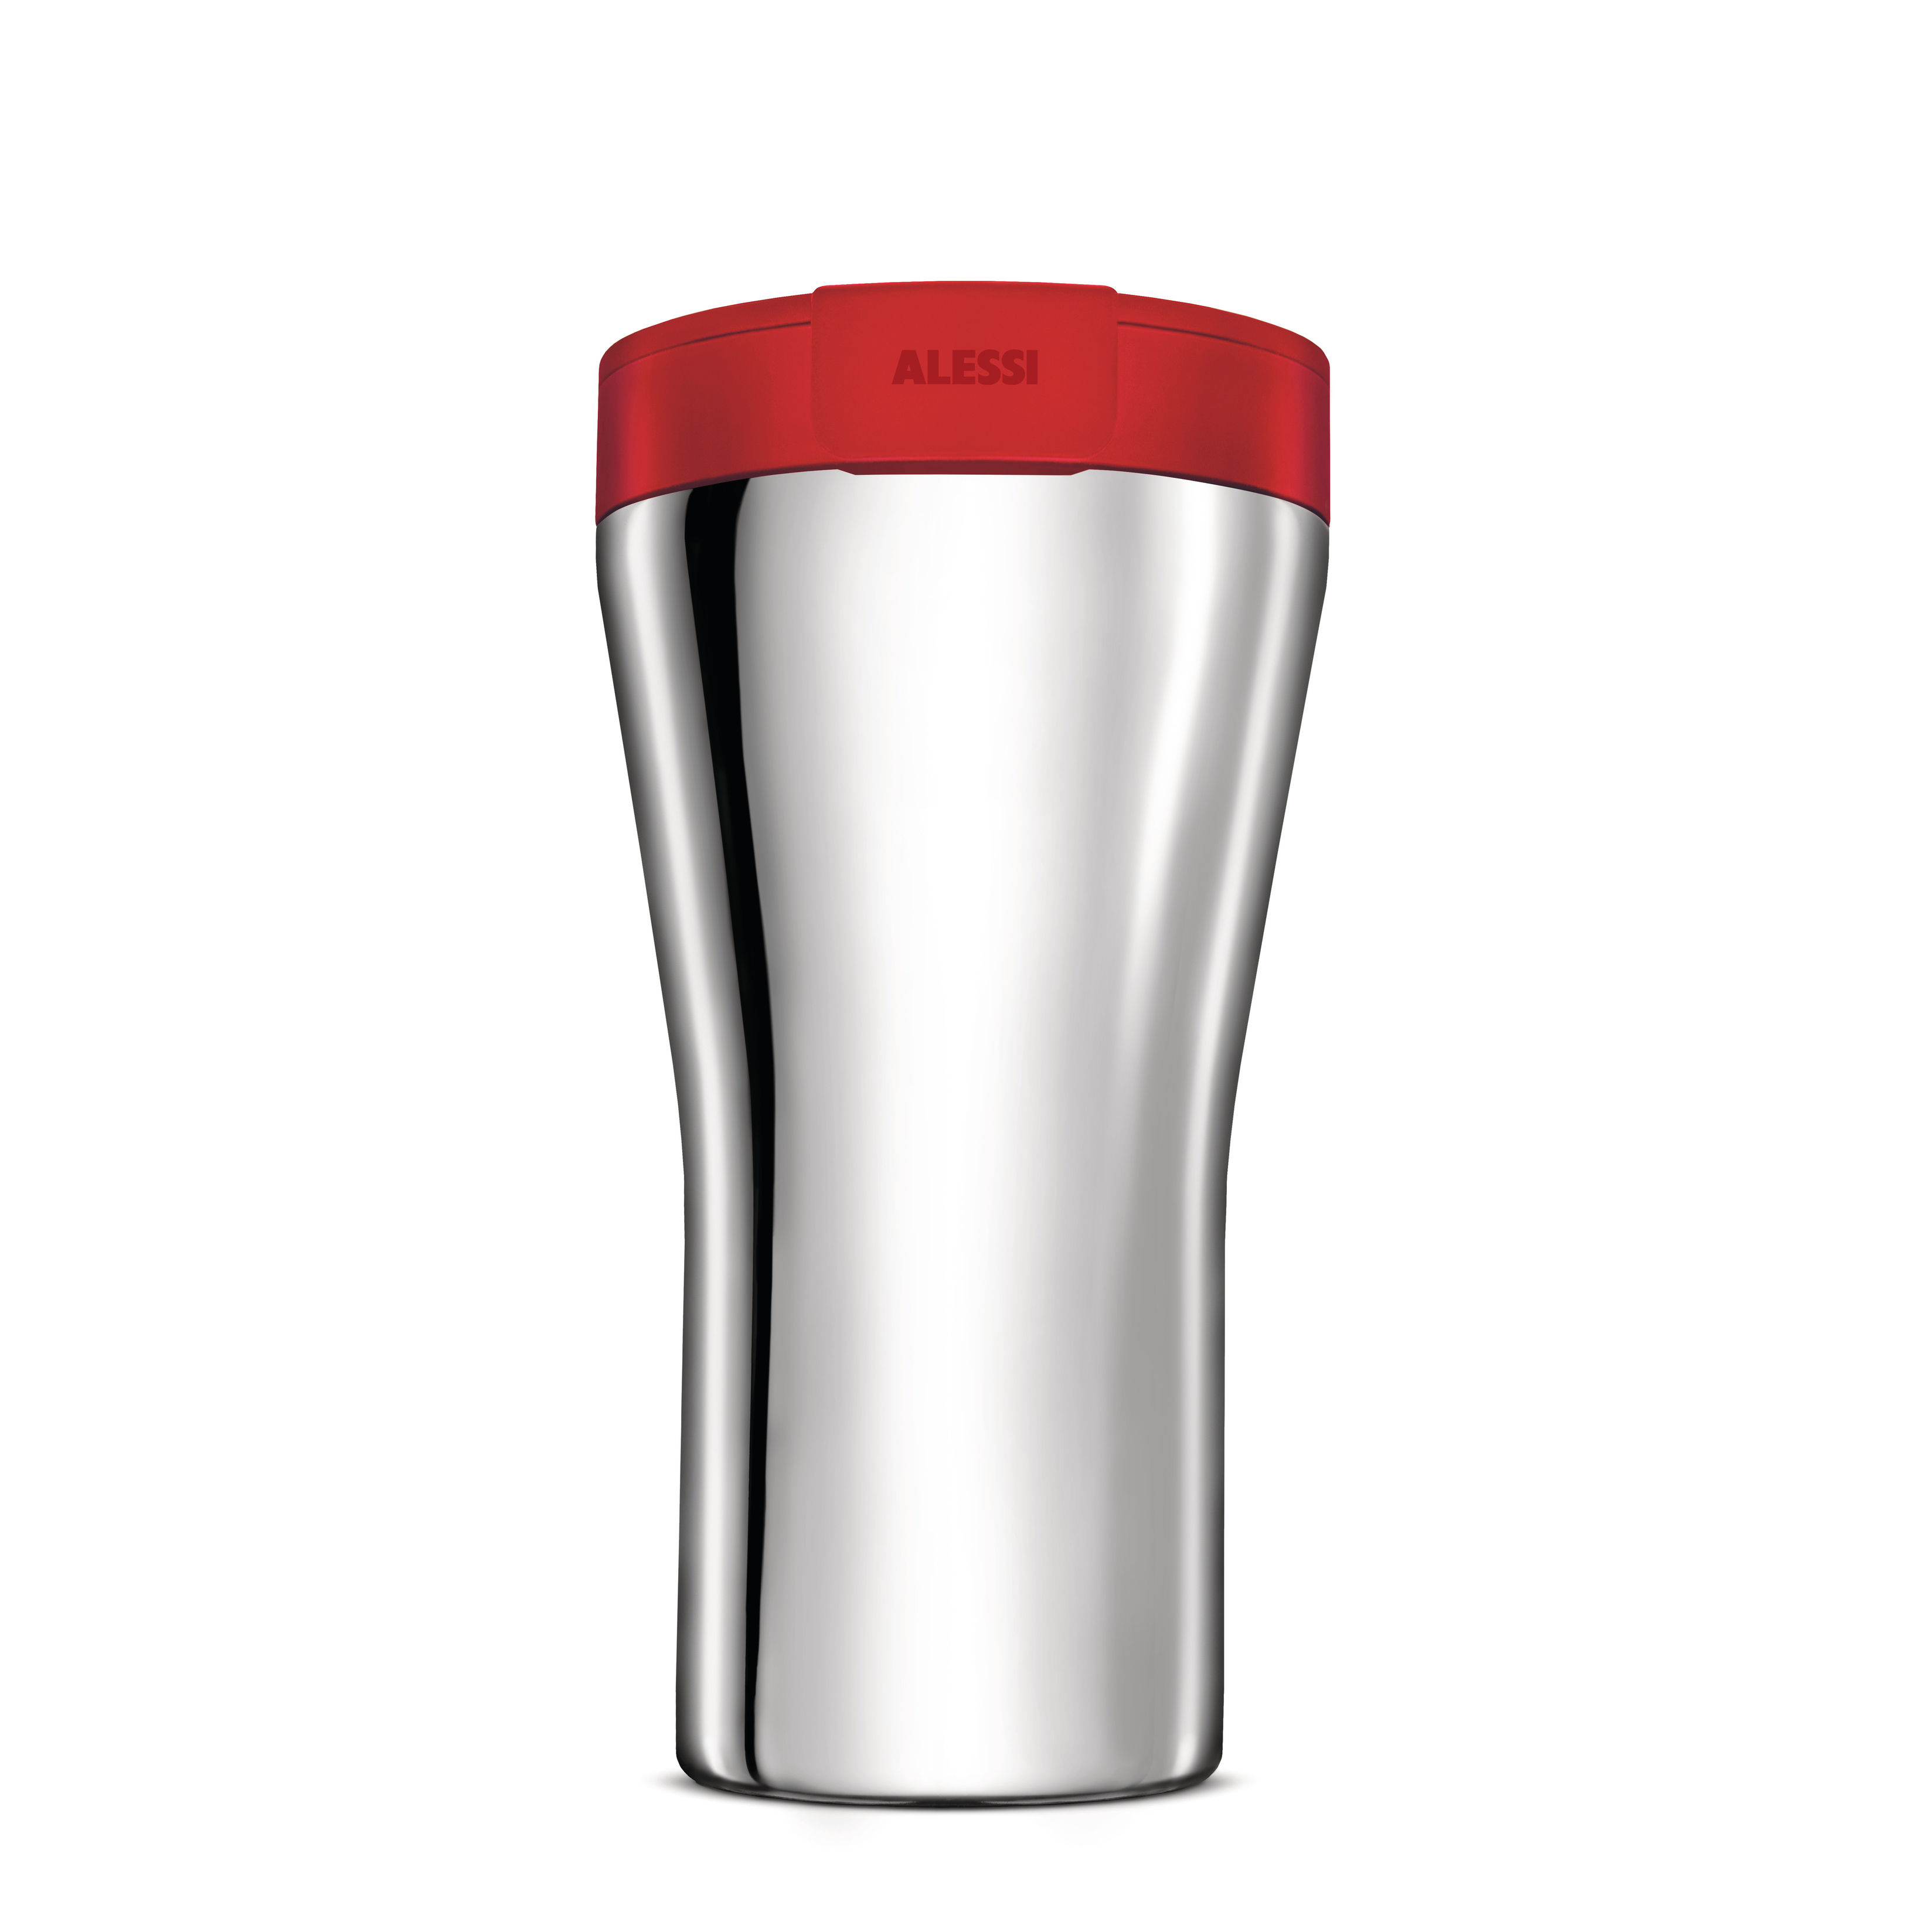 Arts de la table - Tasses et mugs - Mug isotherme Caffa / 40 cl - Alessi - Rouge / Acier - Acier inoxydable, Résine thermoplastique